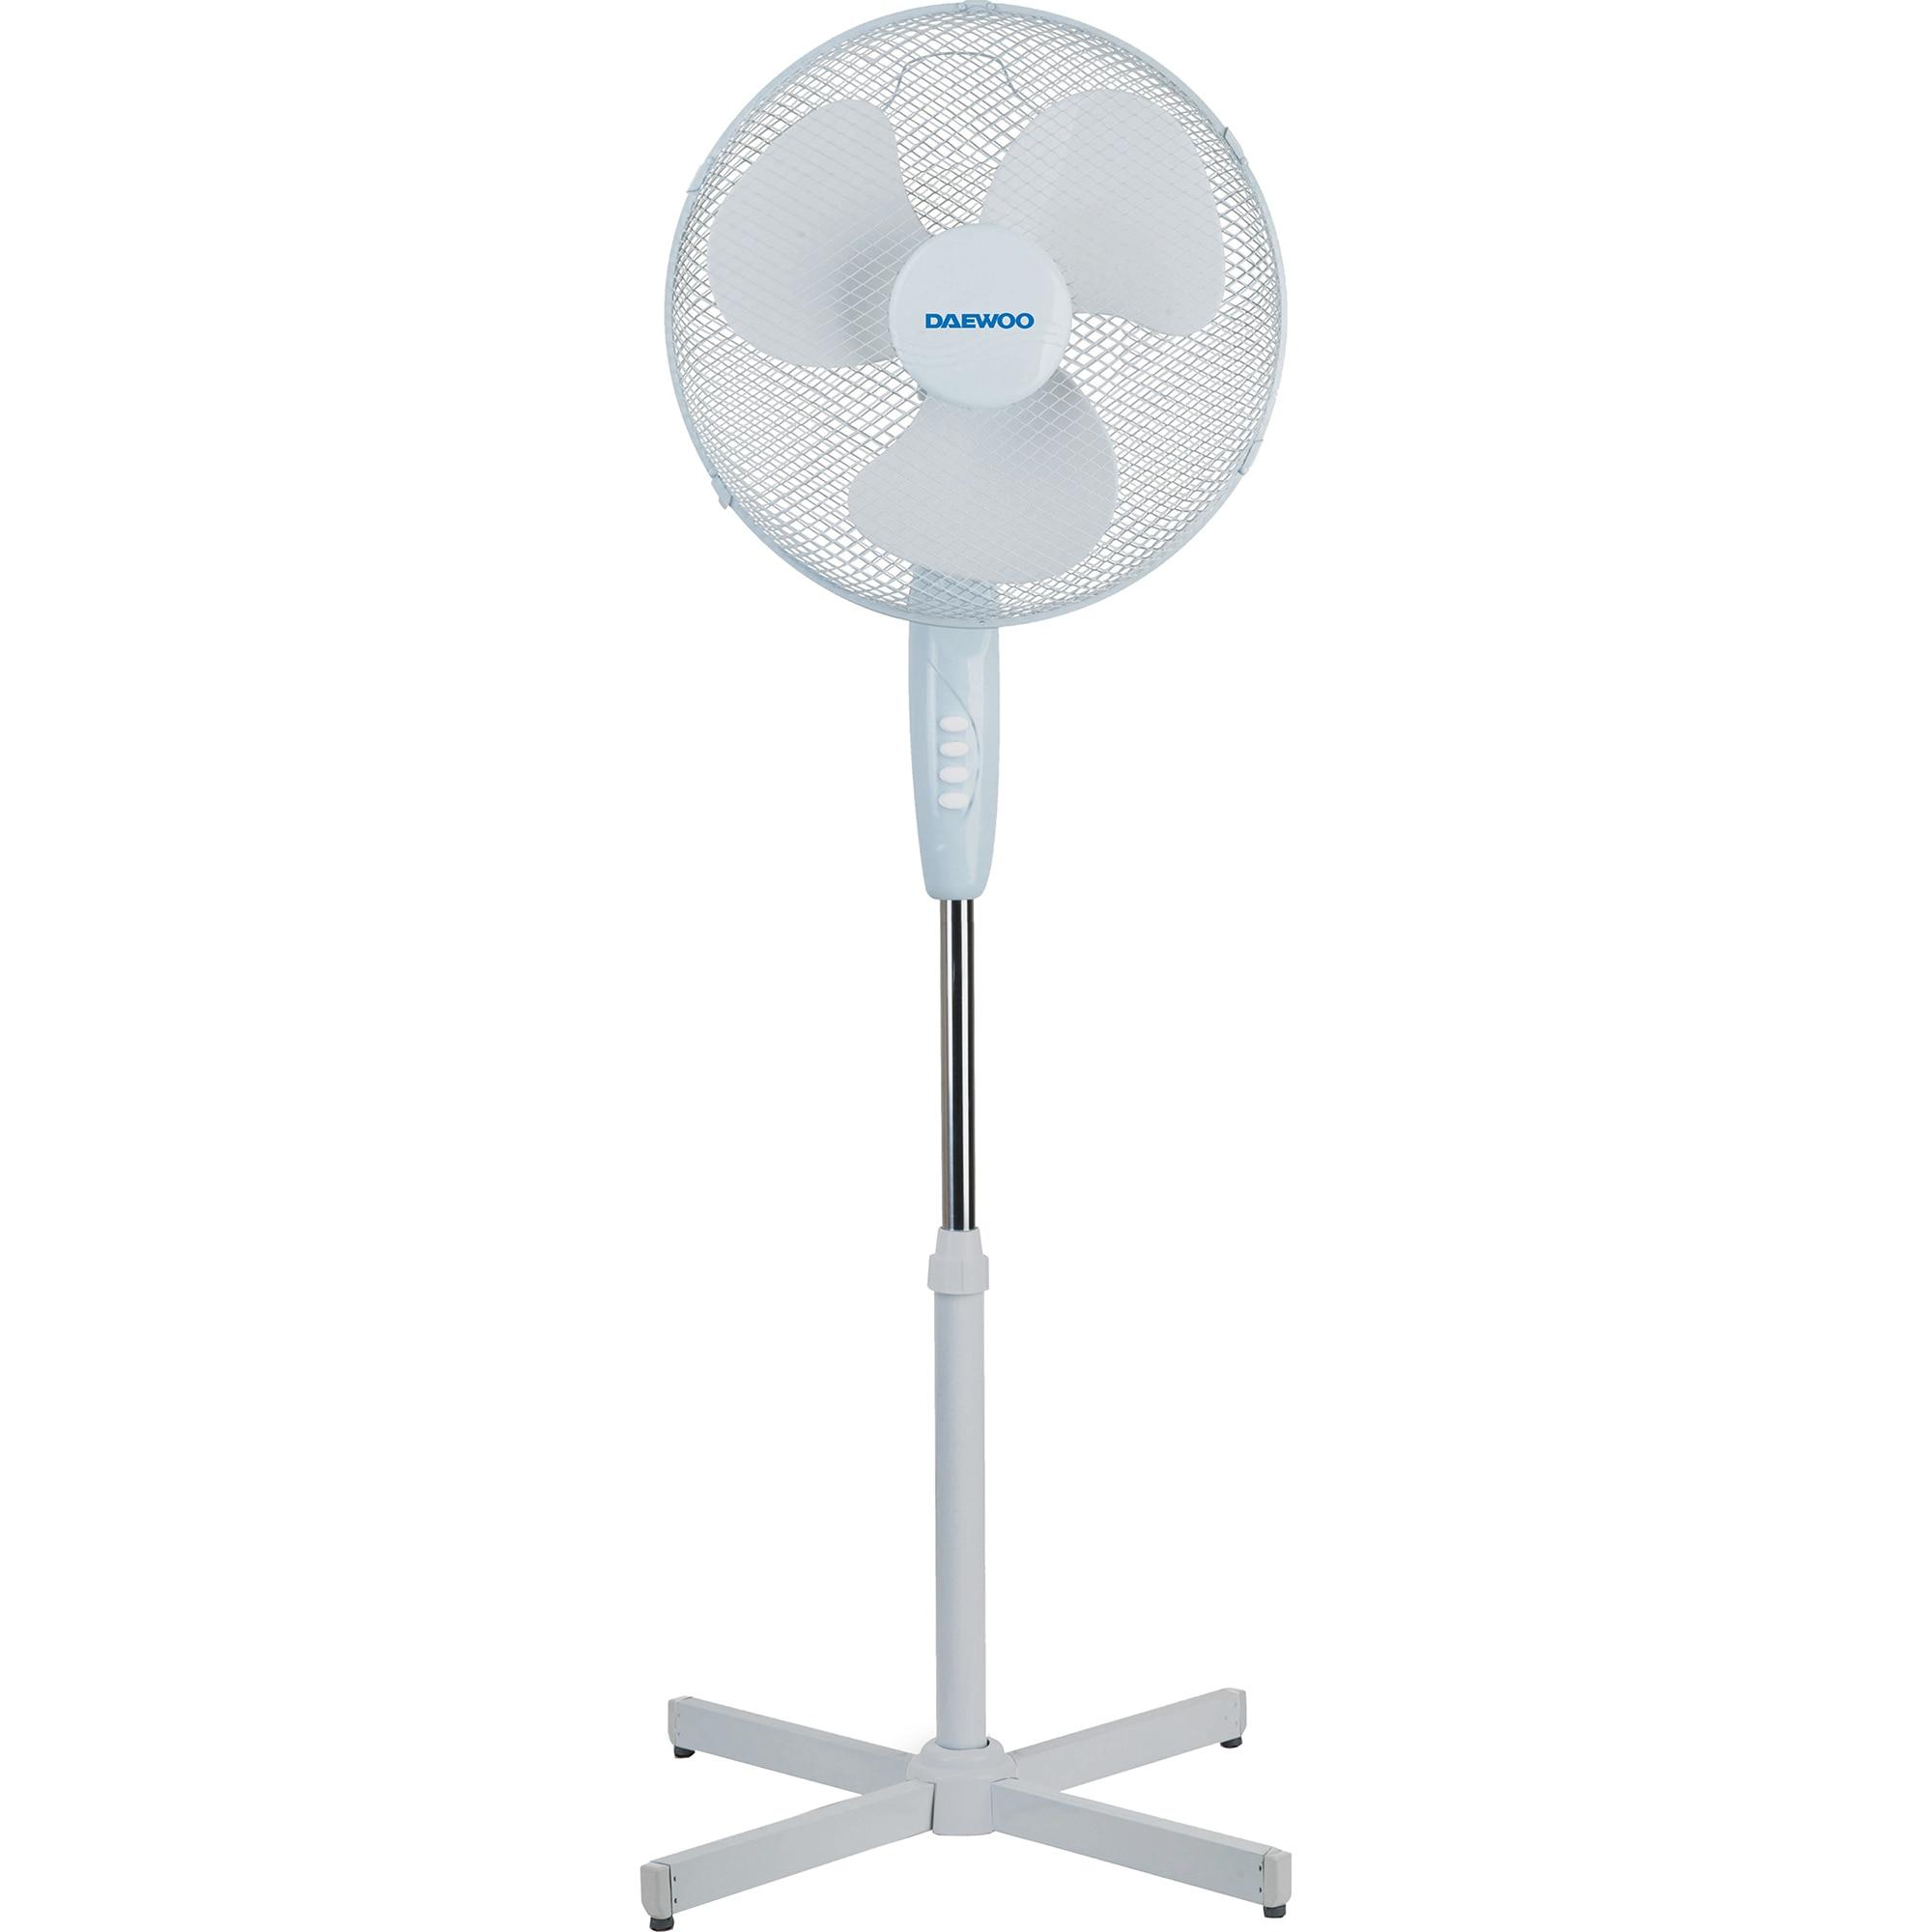 Fotografie Ventilator cu picior Daewoo DDV1699V, putere 50 W, 40 cm diametru, trei trepte de putere, inaltime reglabila pana la 125 cm, gril frontal de protectie, oscilare la 90 grade, baza stabila, Alb